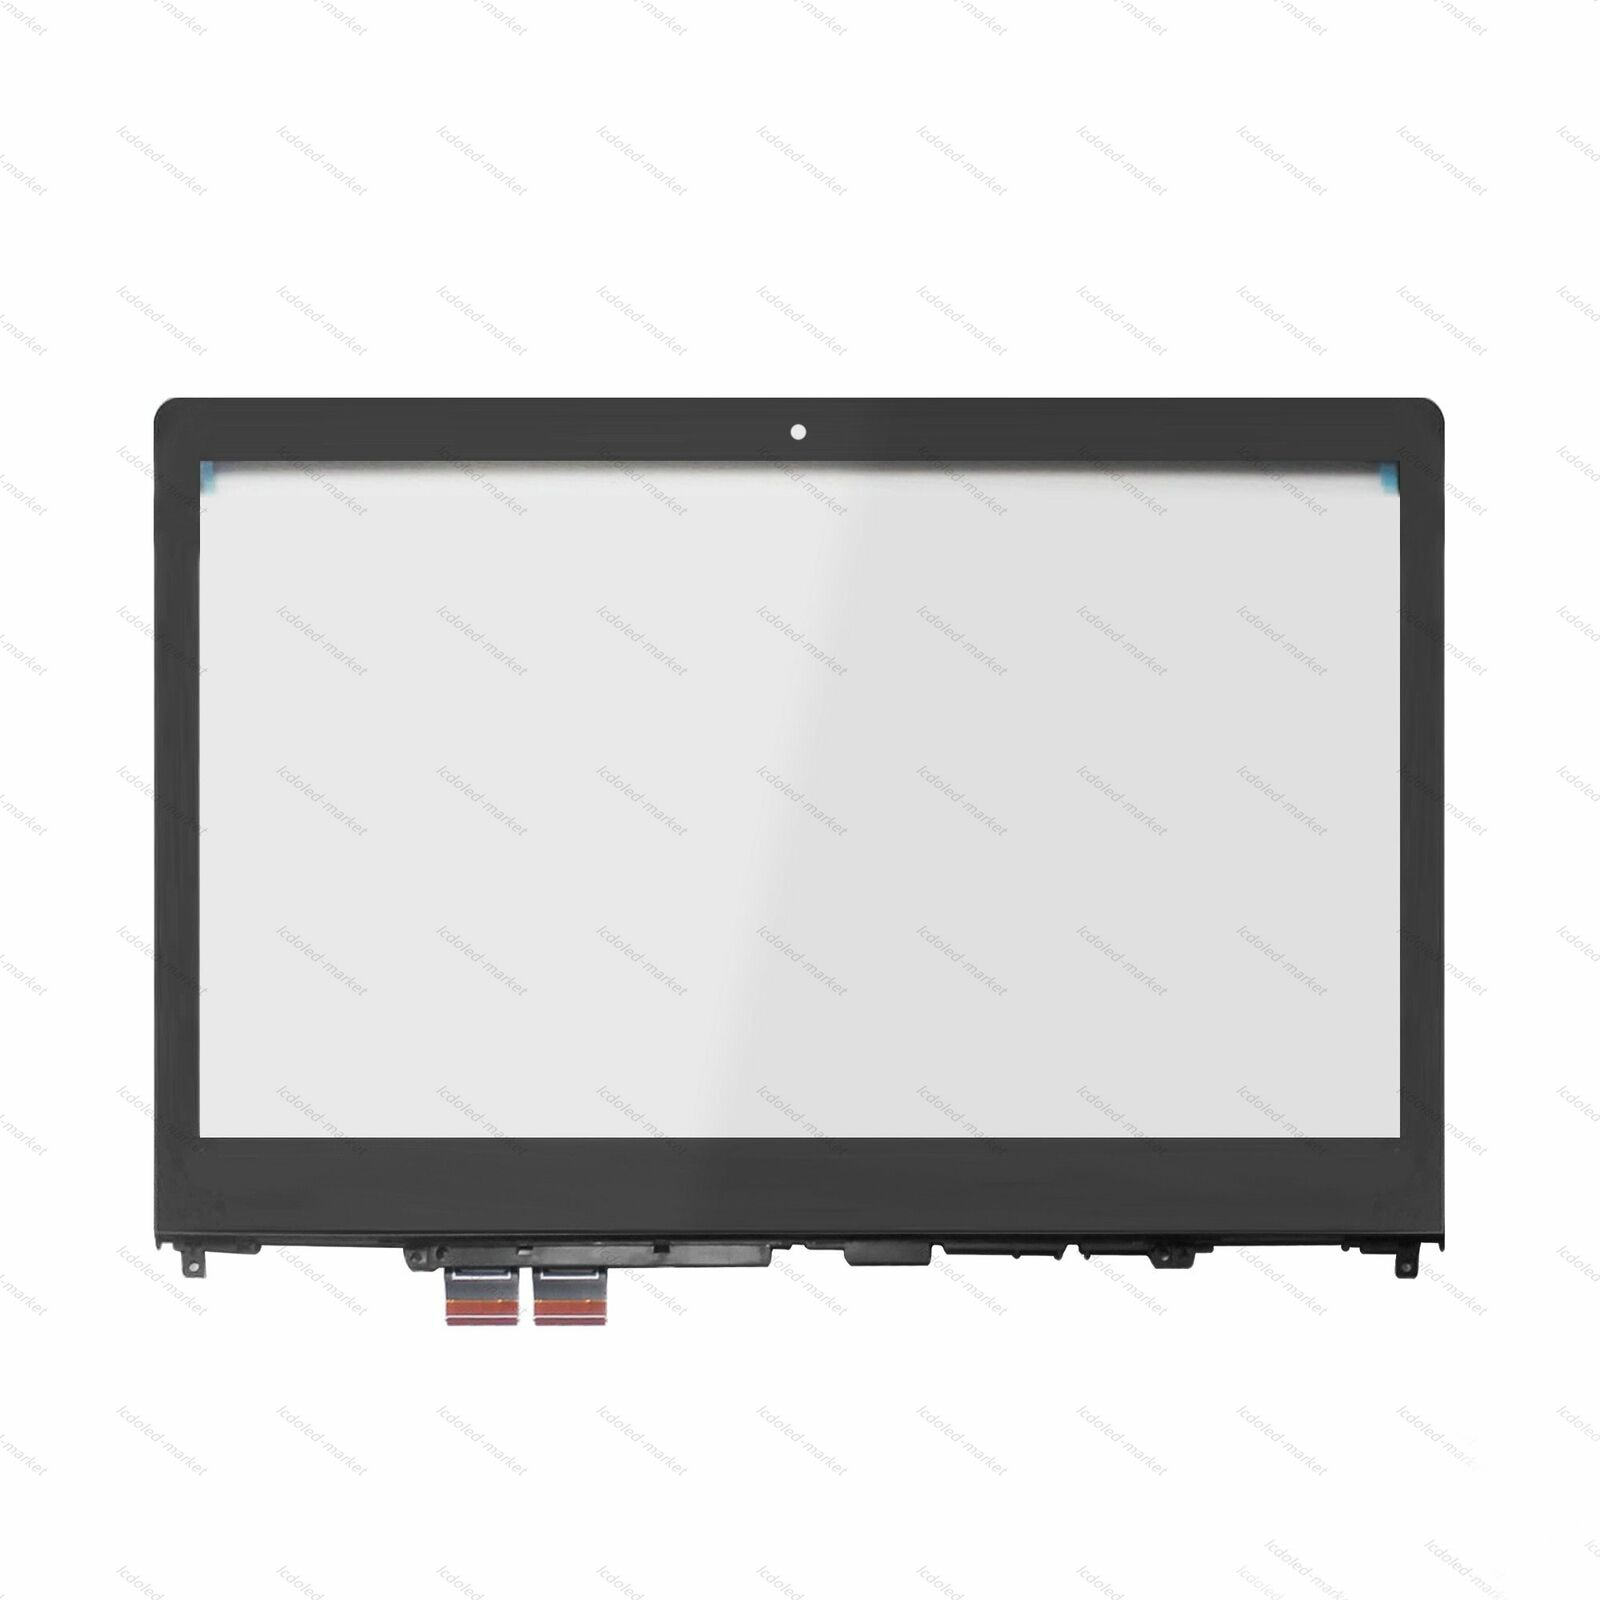 جيانغ لون شاشة تعمل باللمس محول الأرقام لوحة زجاجية لاستبدال لينوفو اليوغا 510-14ISK 80S7